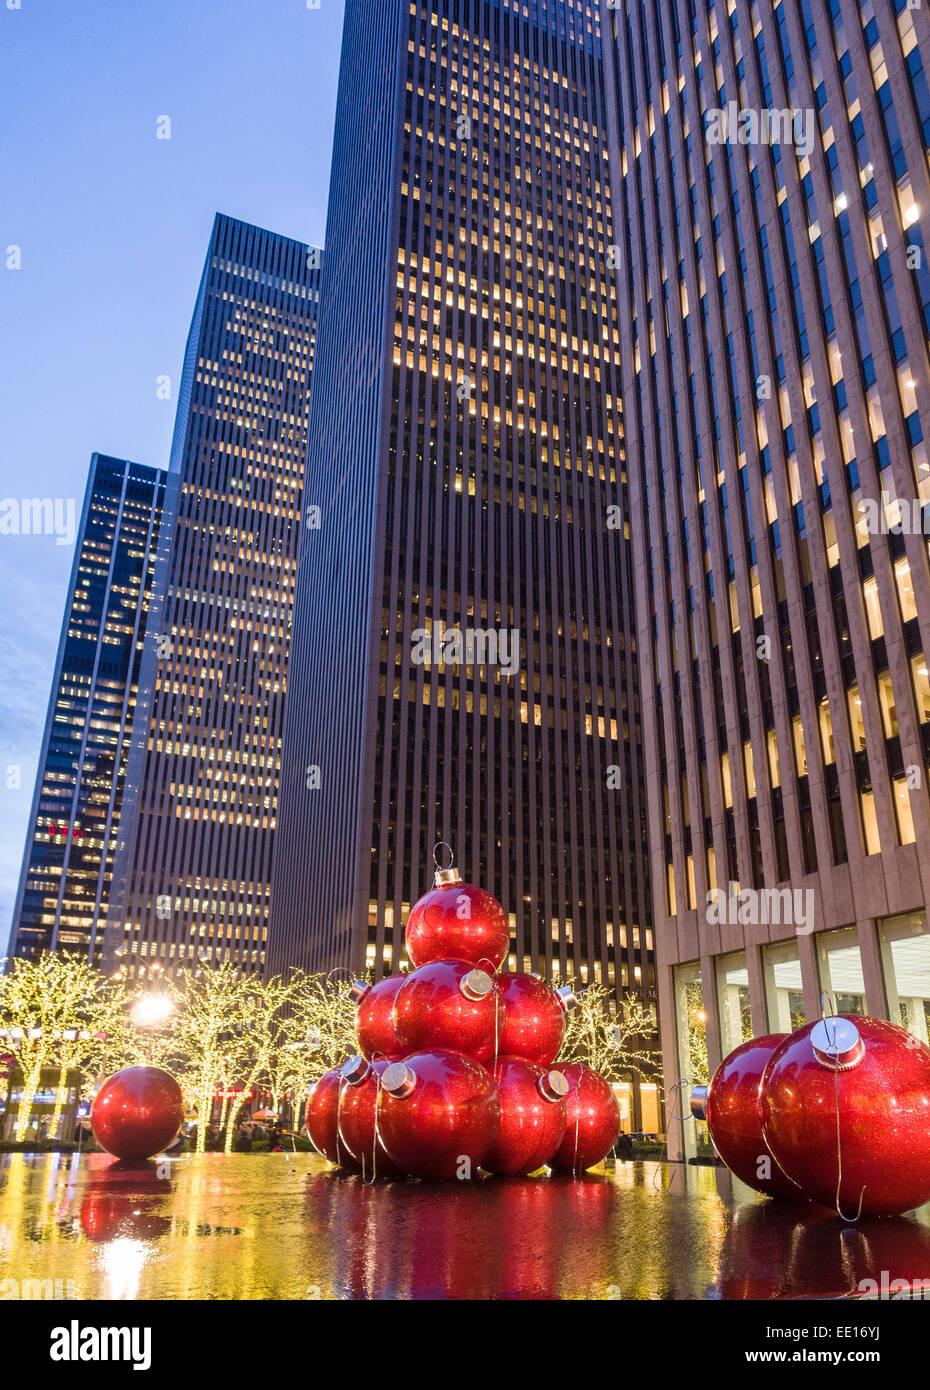 Gigante rosso Palle di Natale sotto le torri. Vista serale di enormi palle di Natale messo annualmente in stagno Immagini Stock